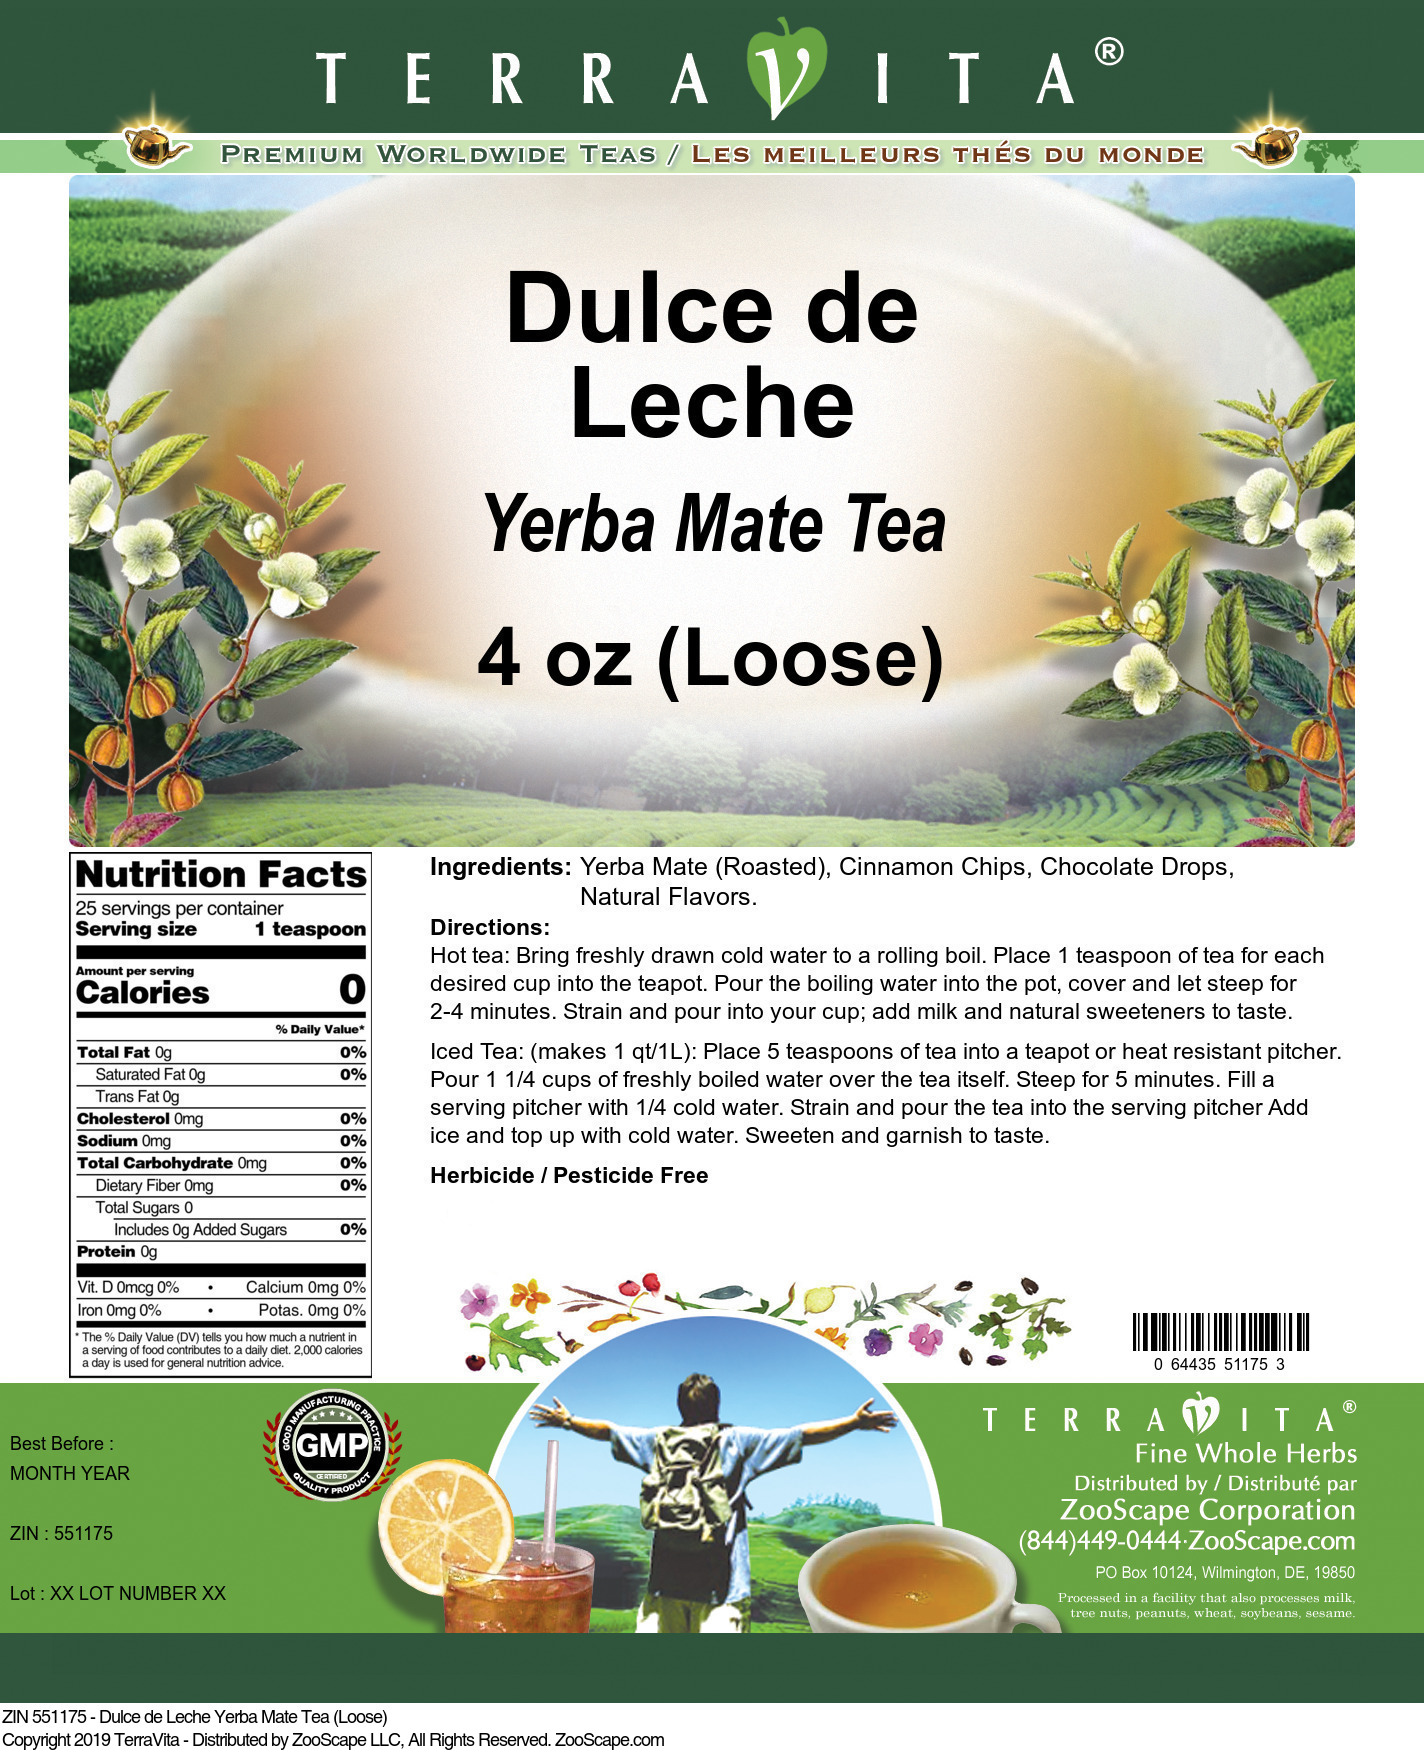 Dulce de Leche Yerba Mate Tea (Loose)